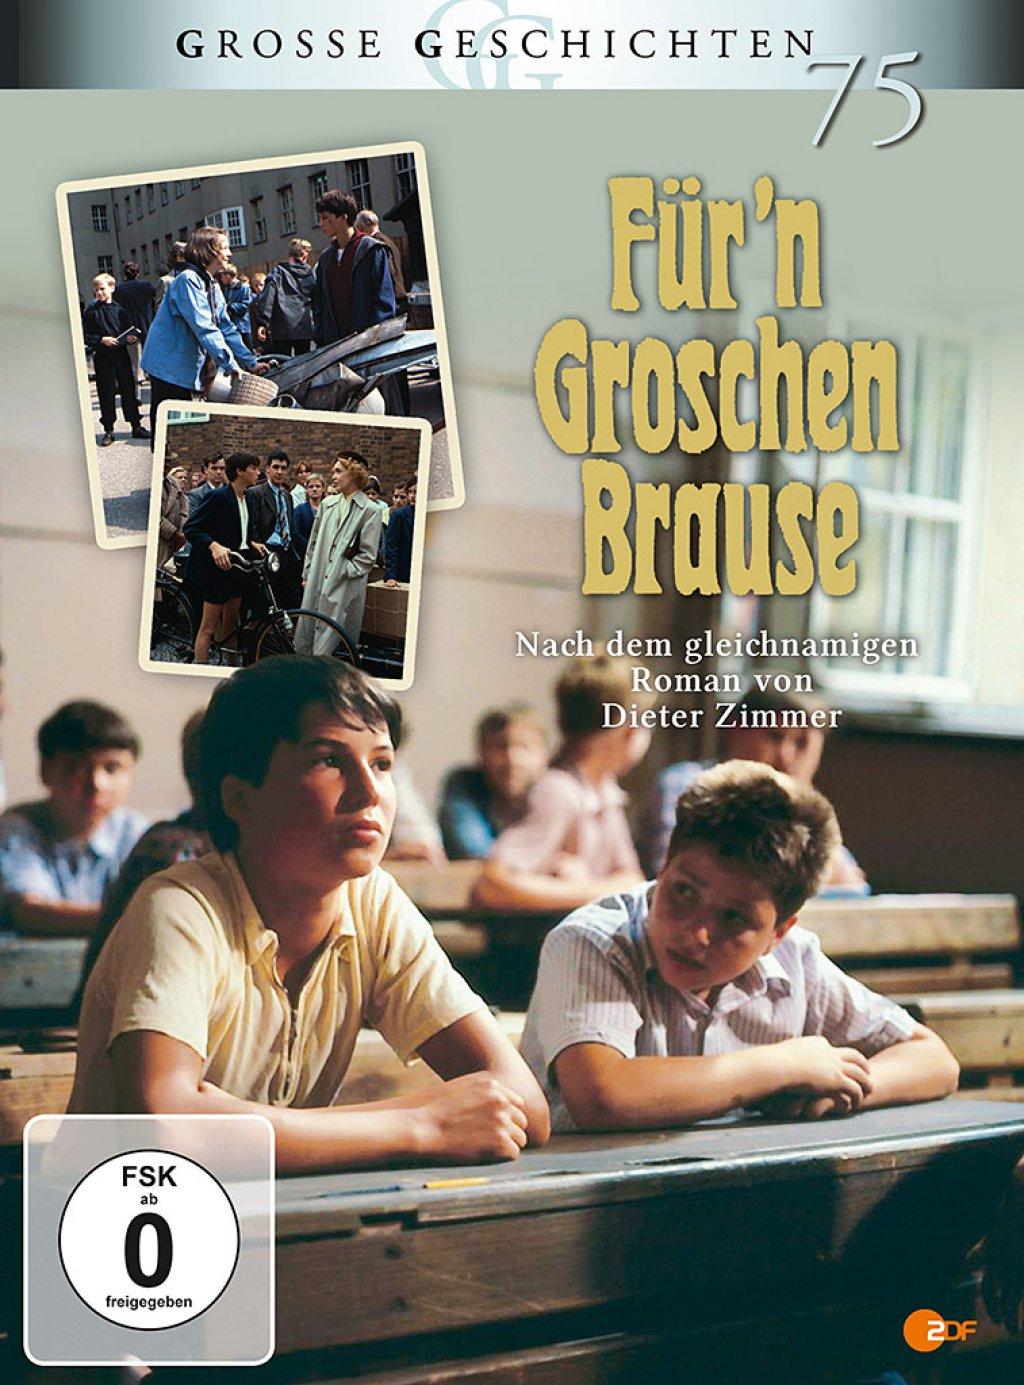 Für 'n Groschen Brause - Grosse Geschichten 75 (DVD)